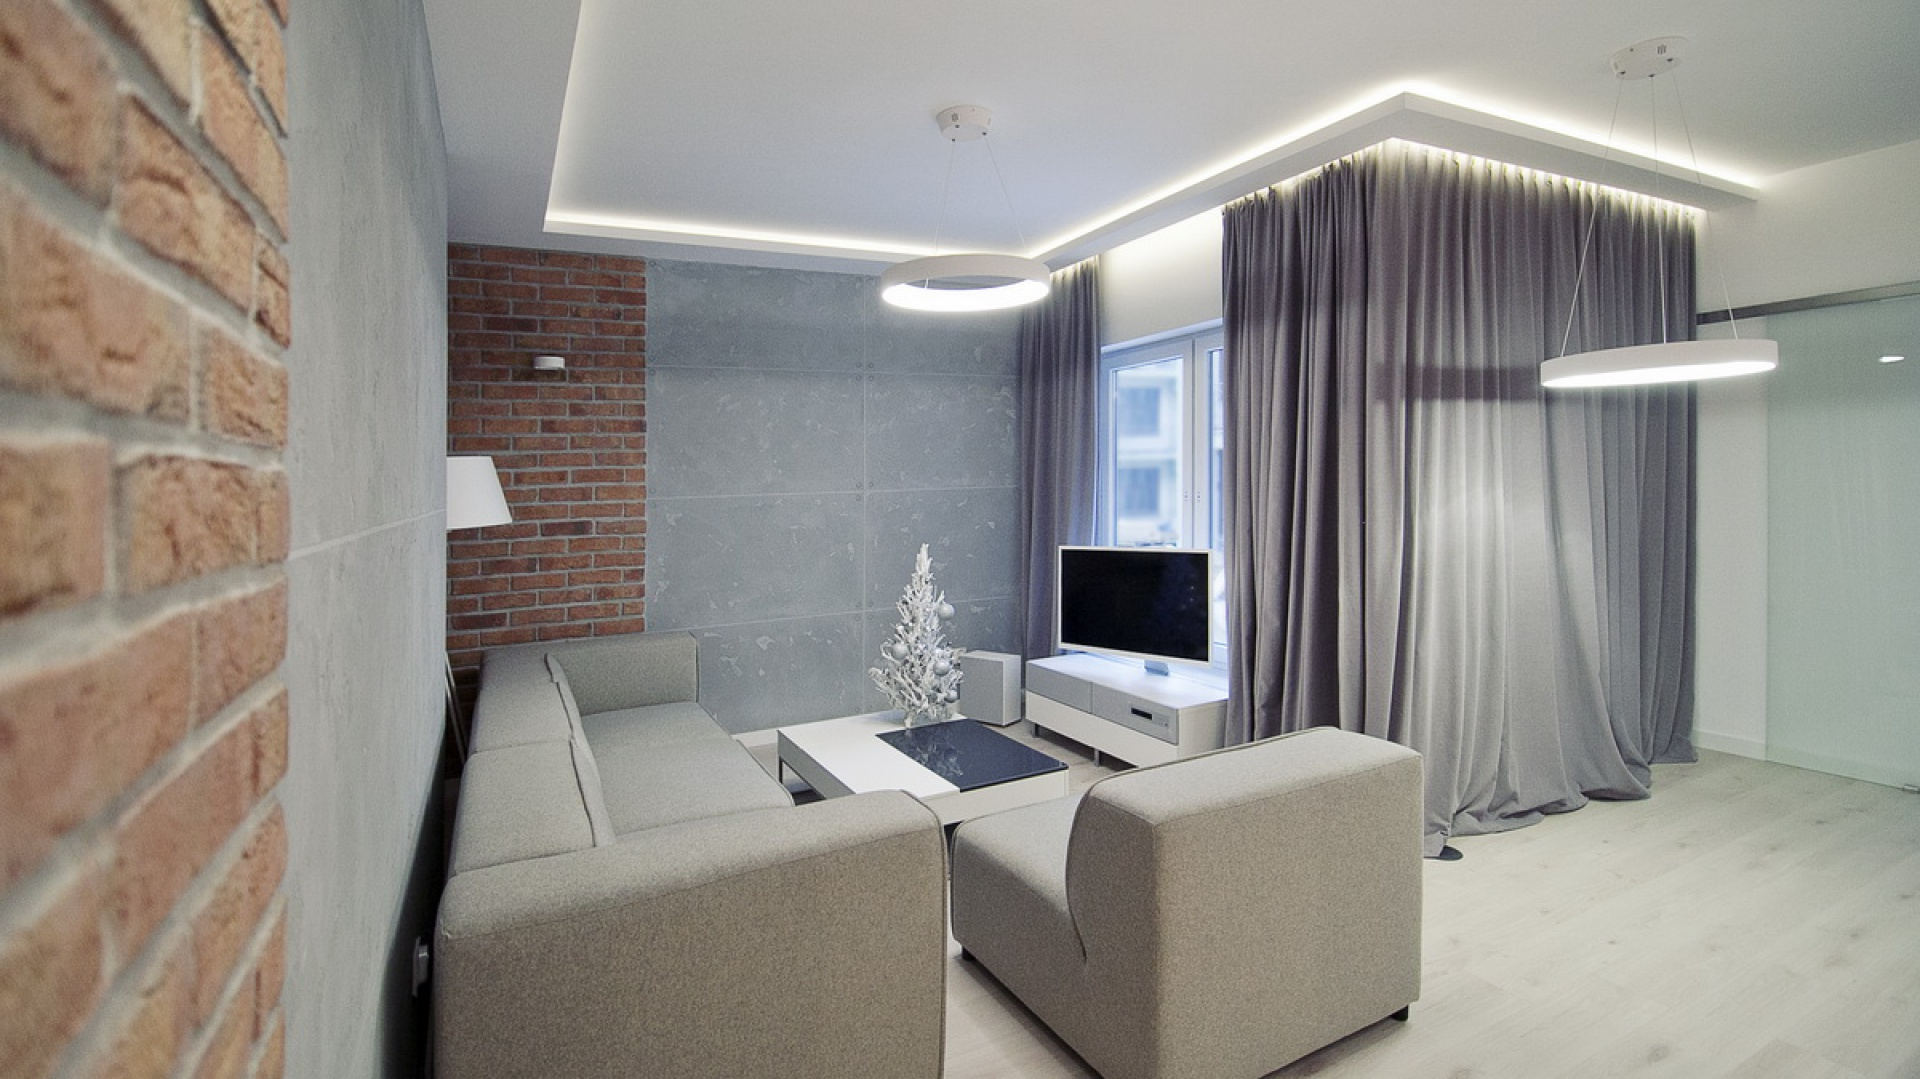 Ściany w salonie wykończono ręcznie wyrabianą cegłą i betonowymi płytami. Gra dwóch surowych, industrialnych materiałów nadaje pokojowi dziennemu loftowy klimat. Fot. RED Real Estate Development.